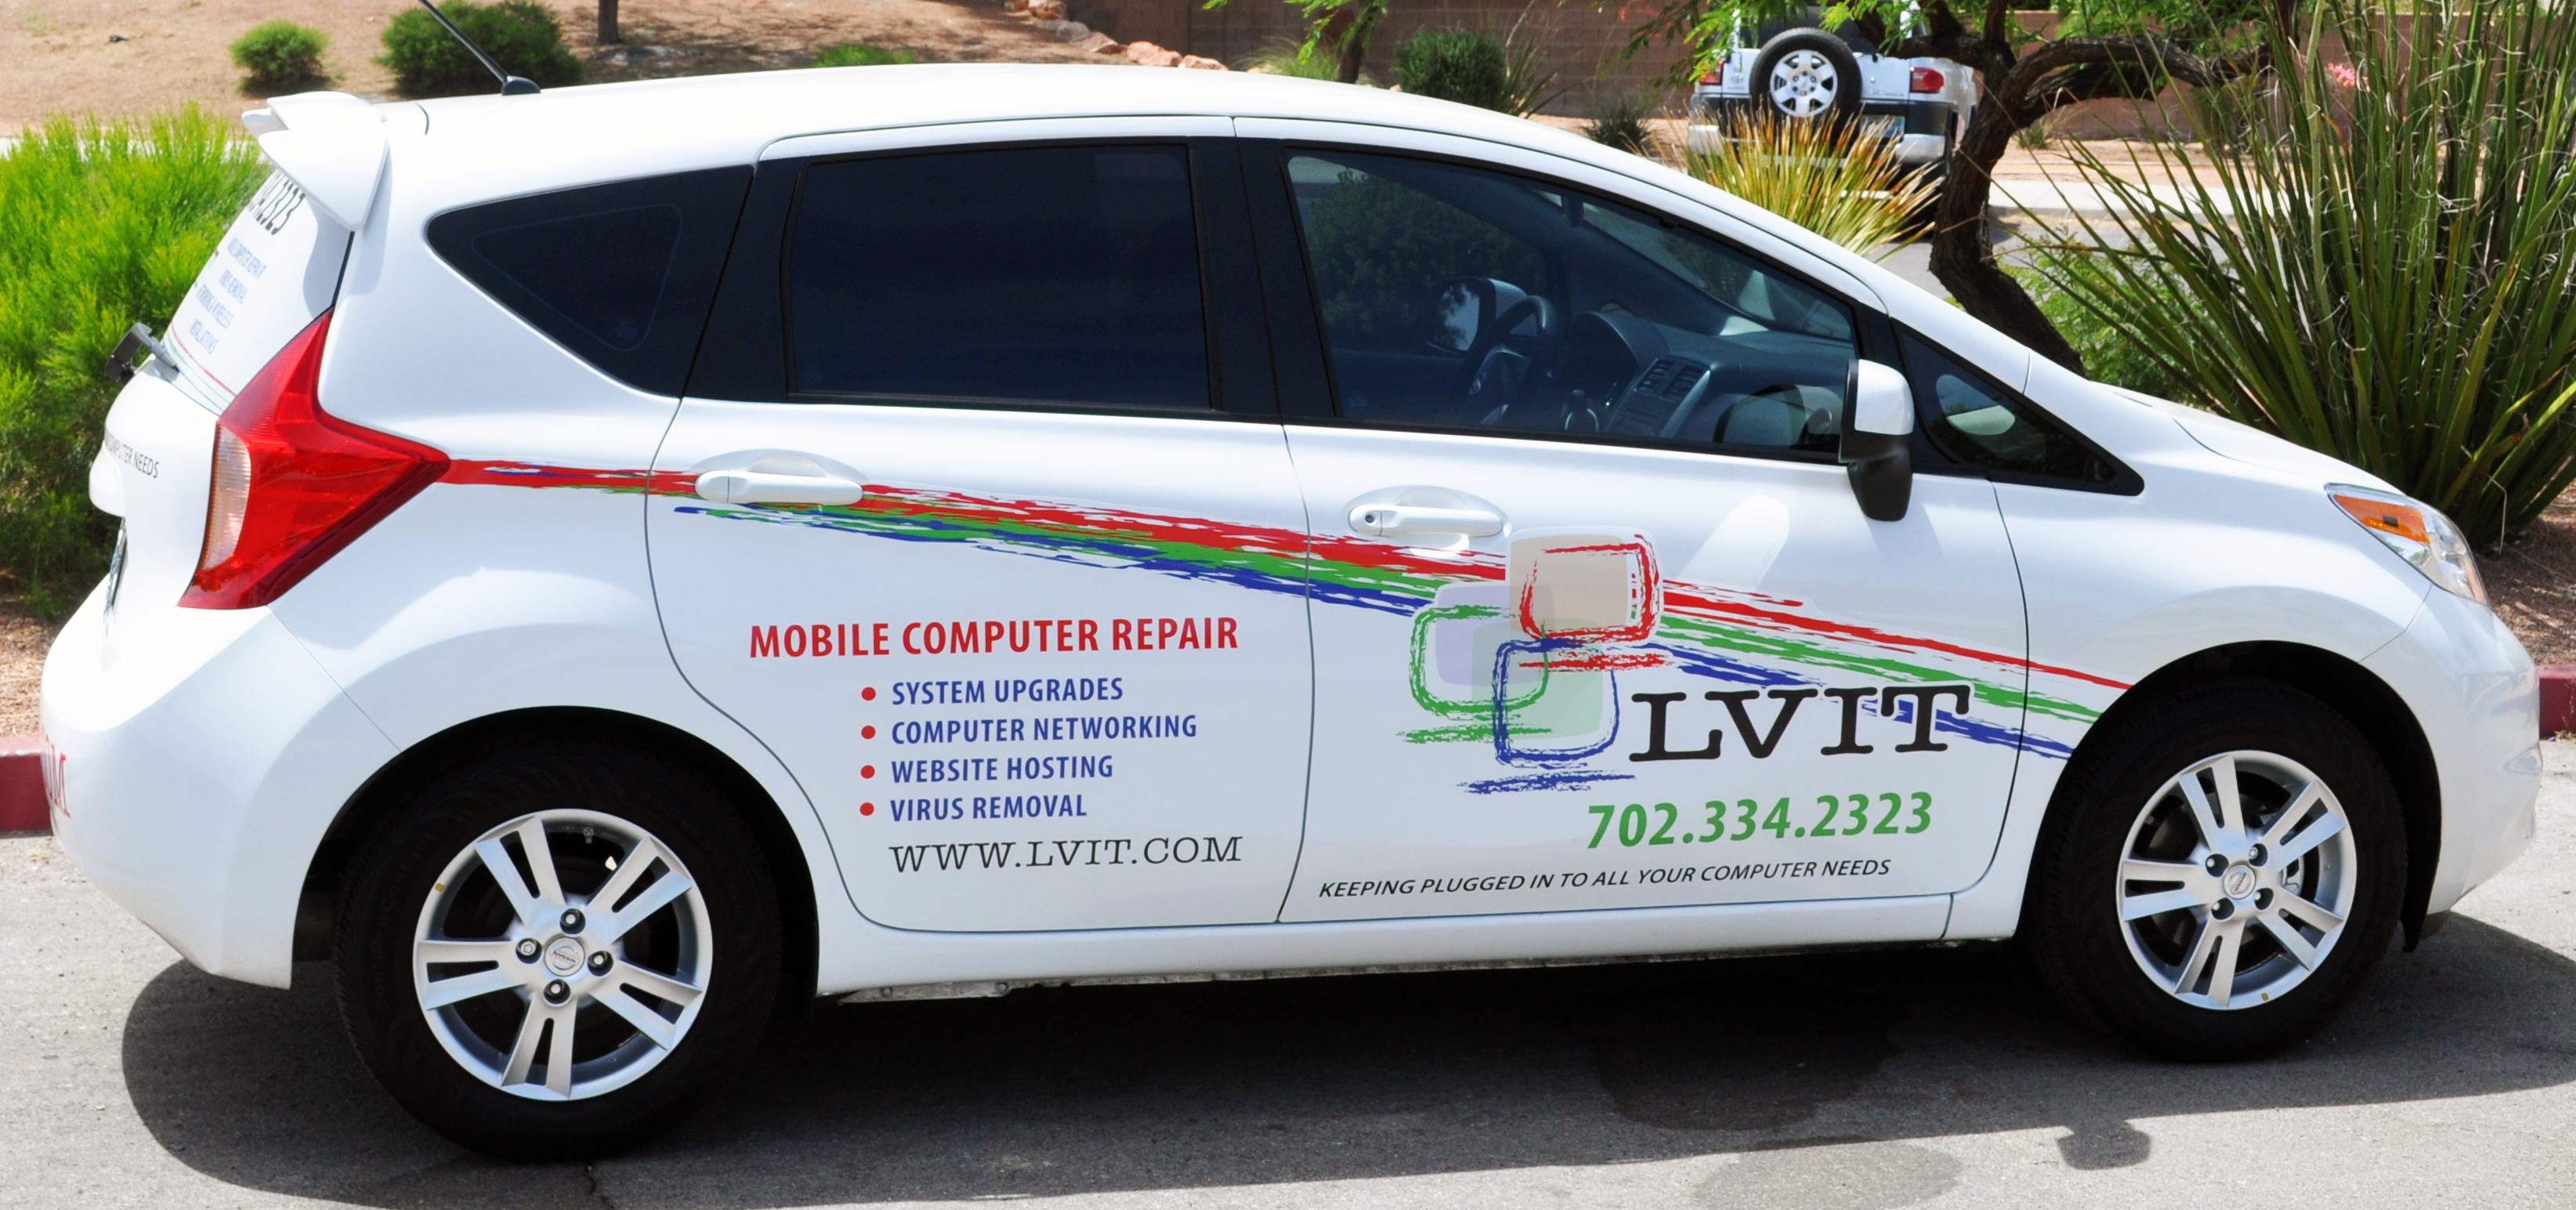 LVIT Computer Repair